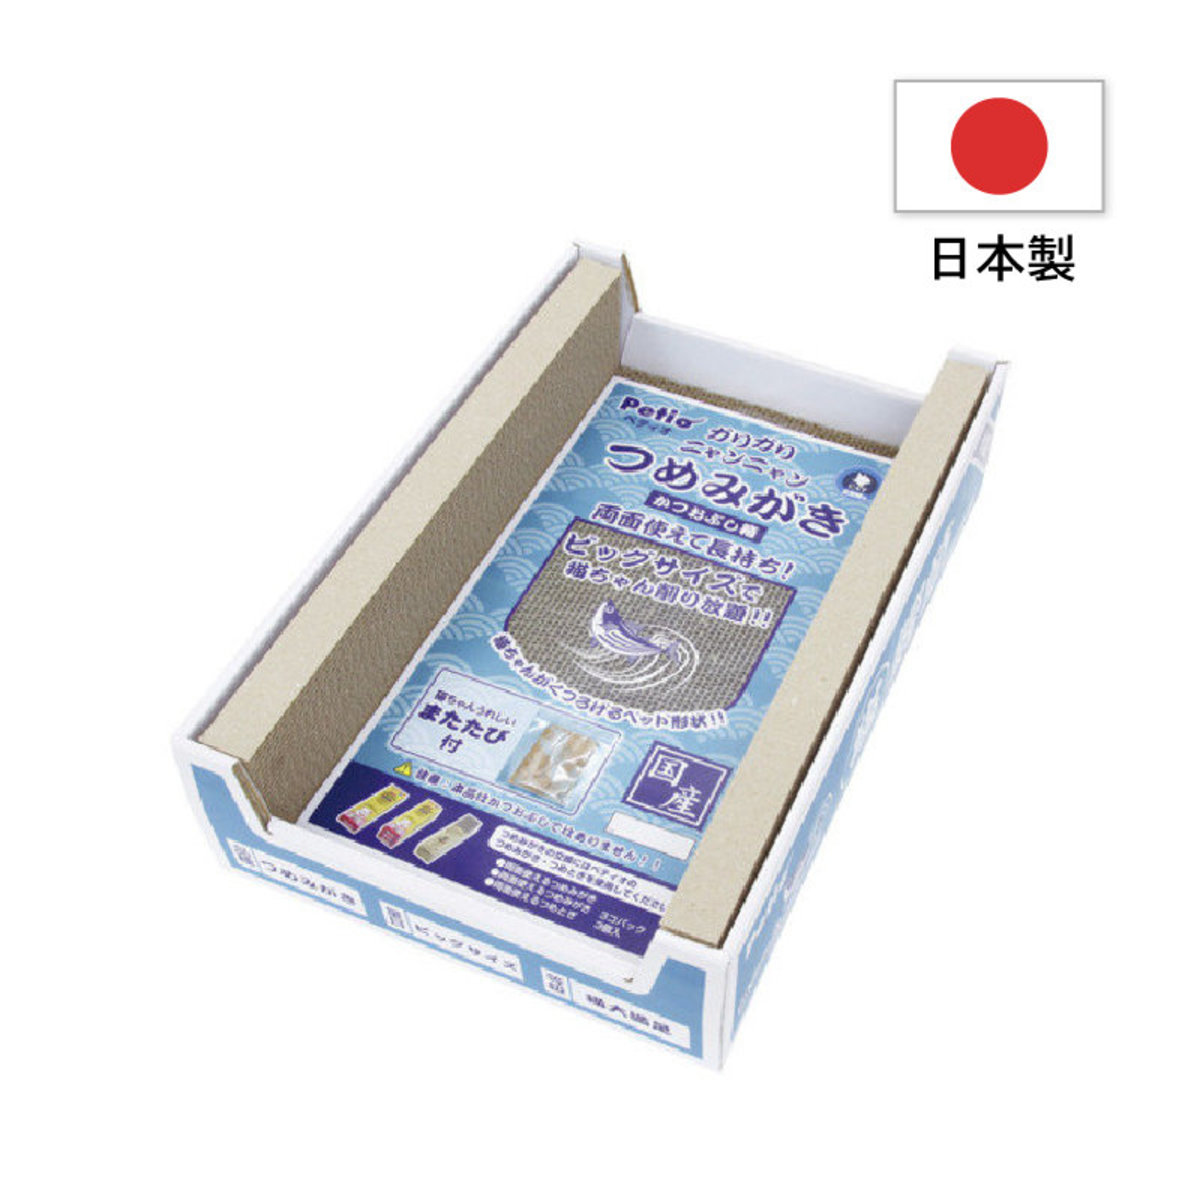 耐磨貓抓盒 #F36 (W24996)